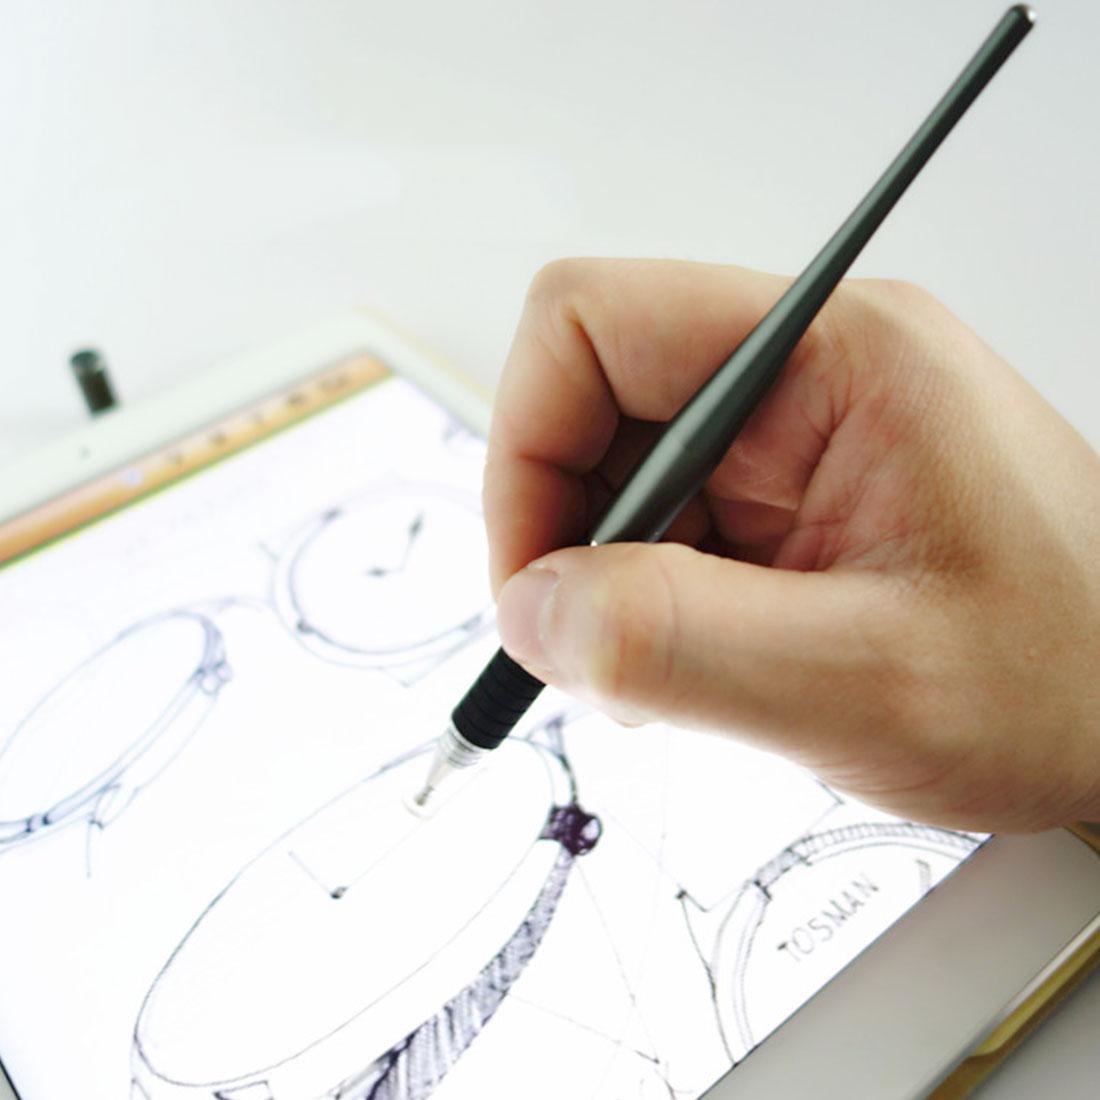 Etmakit горячий 2 в 1 емкостный стилус ручка новый металлический чертеж ручка сенсорный экран Стилус для смартфона планшетный ПК для iPhone iPad